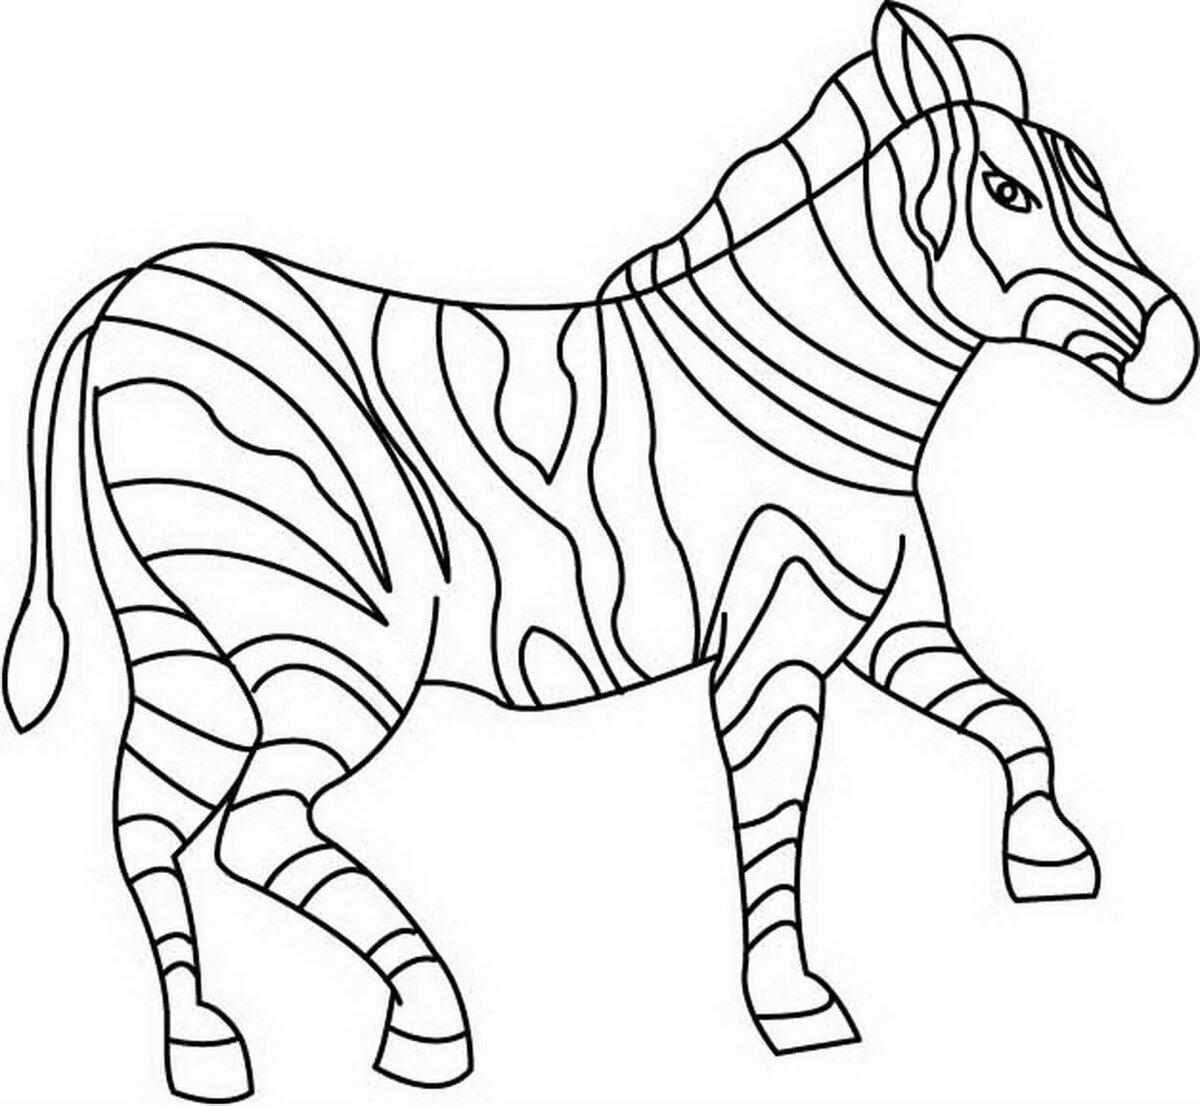 Раскраски с картинками животных